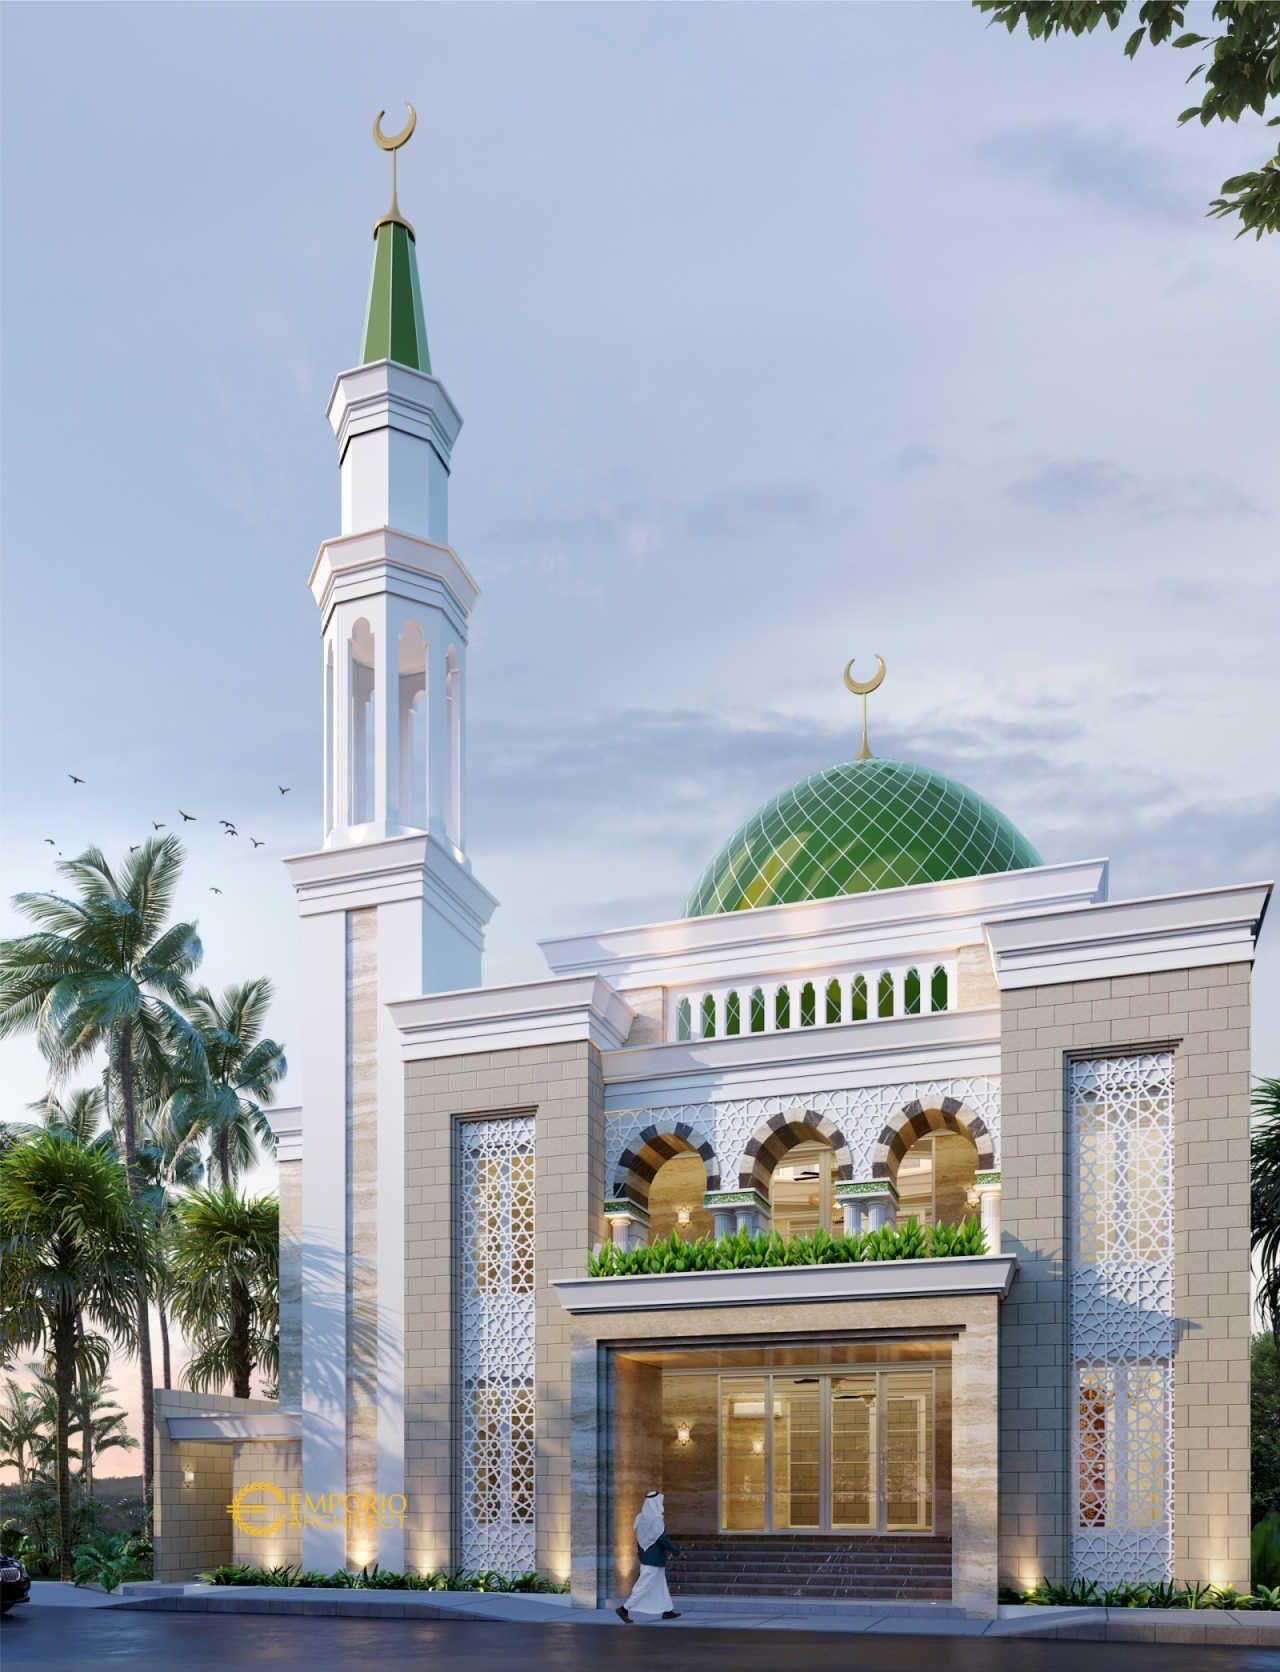 Desain Masjid Minimalis Modern 15x15 1 Lantai Termasuk Teras Sanggar Teknik